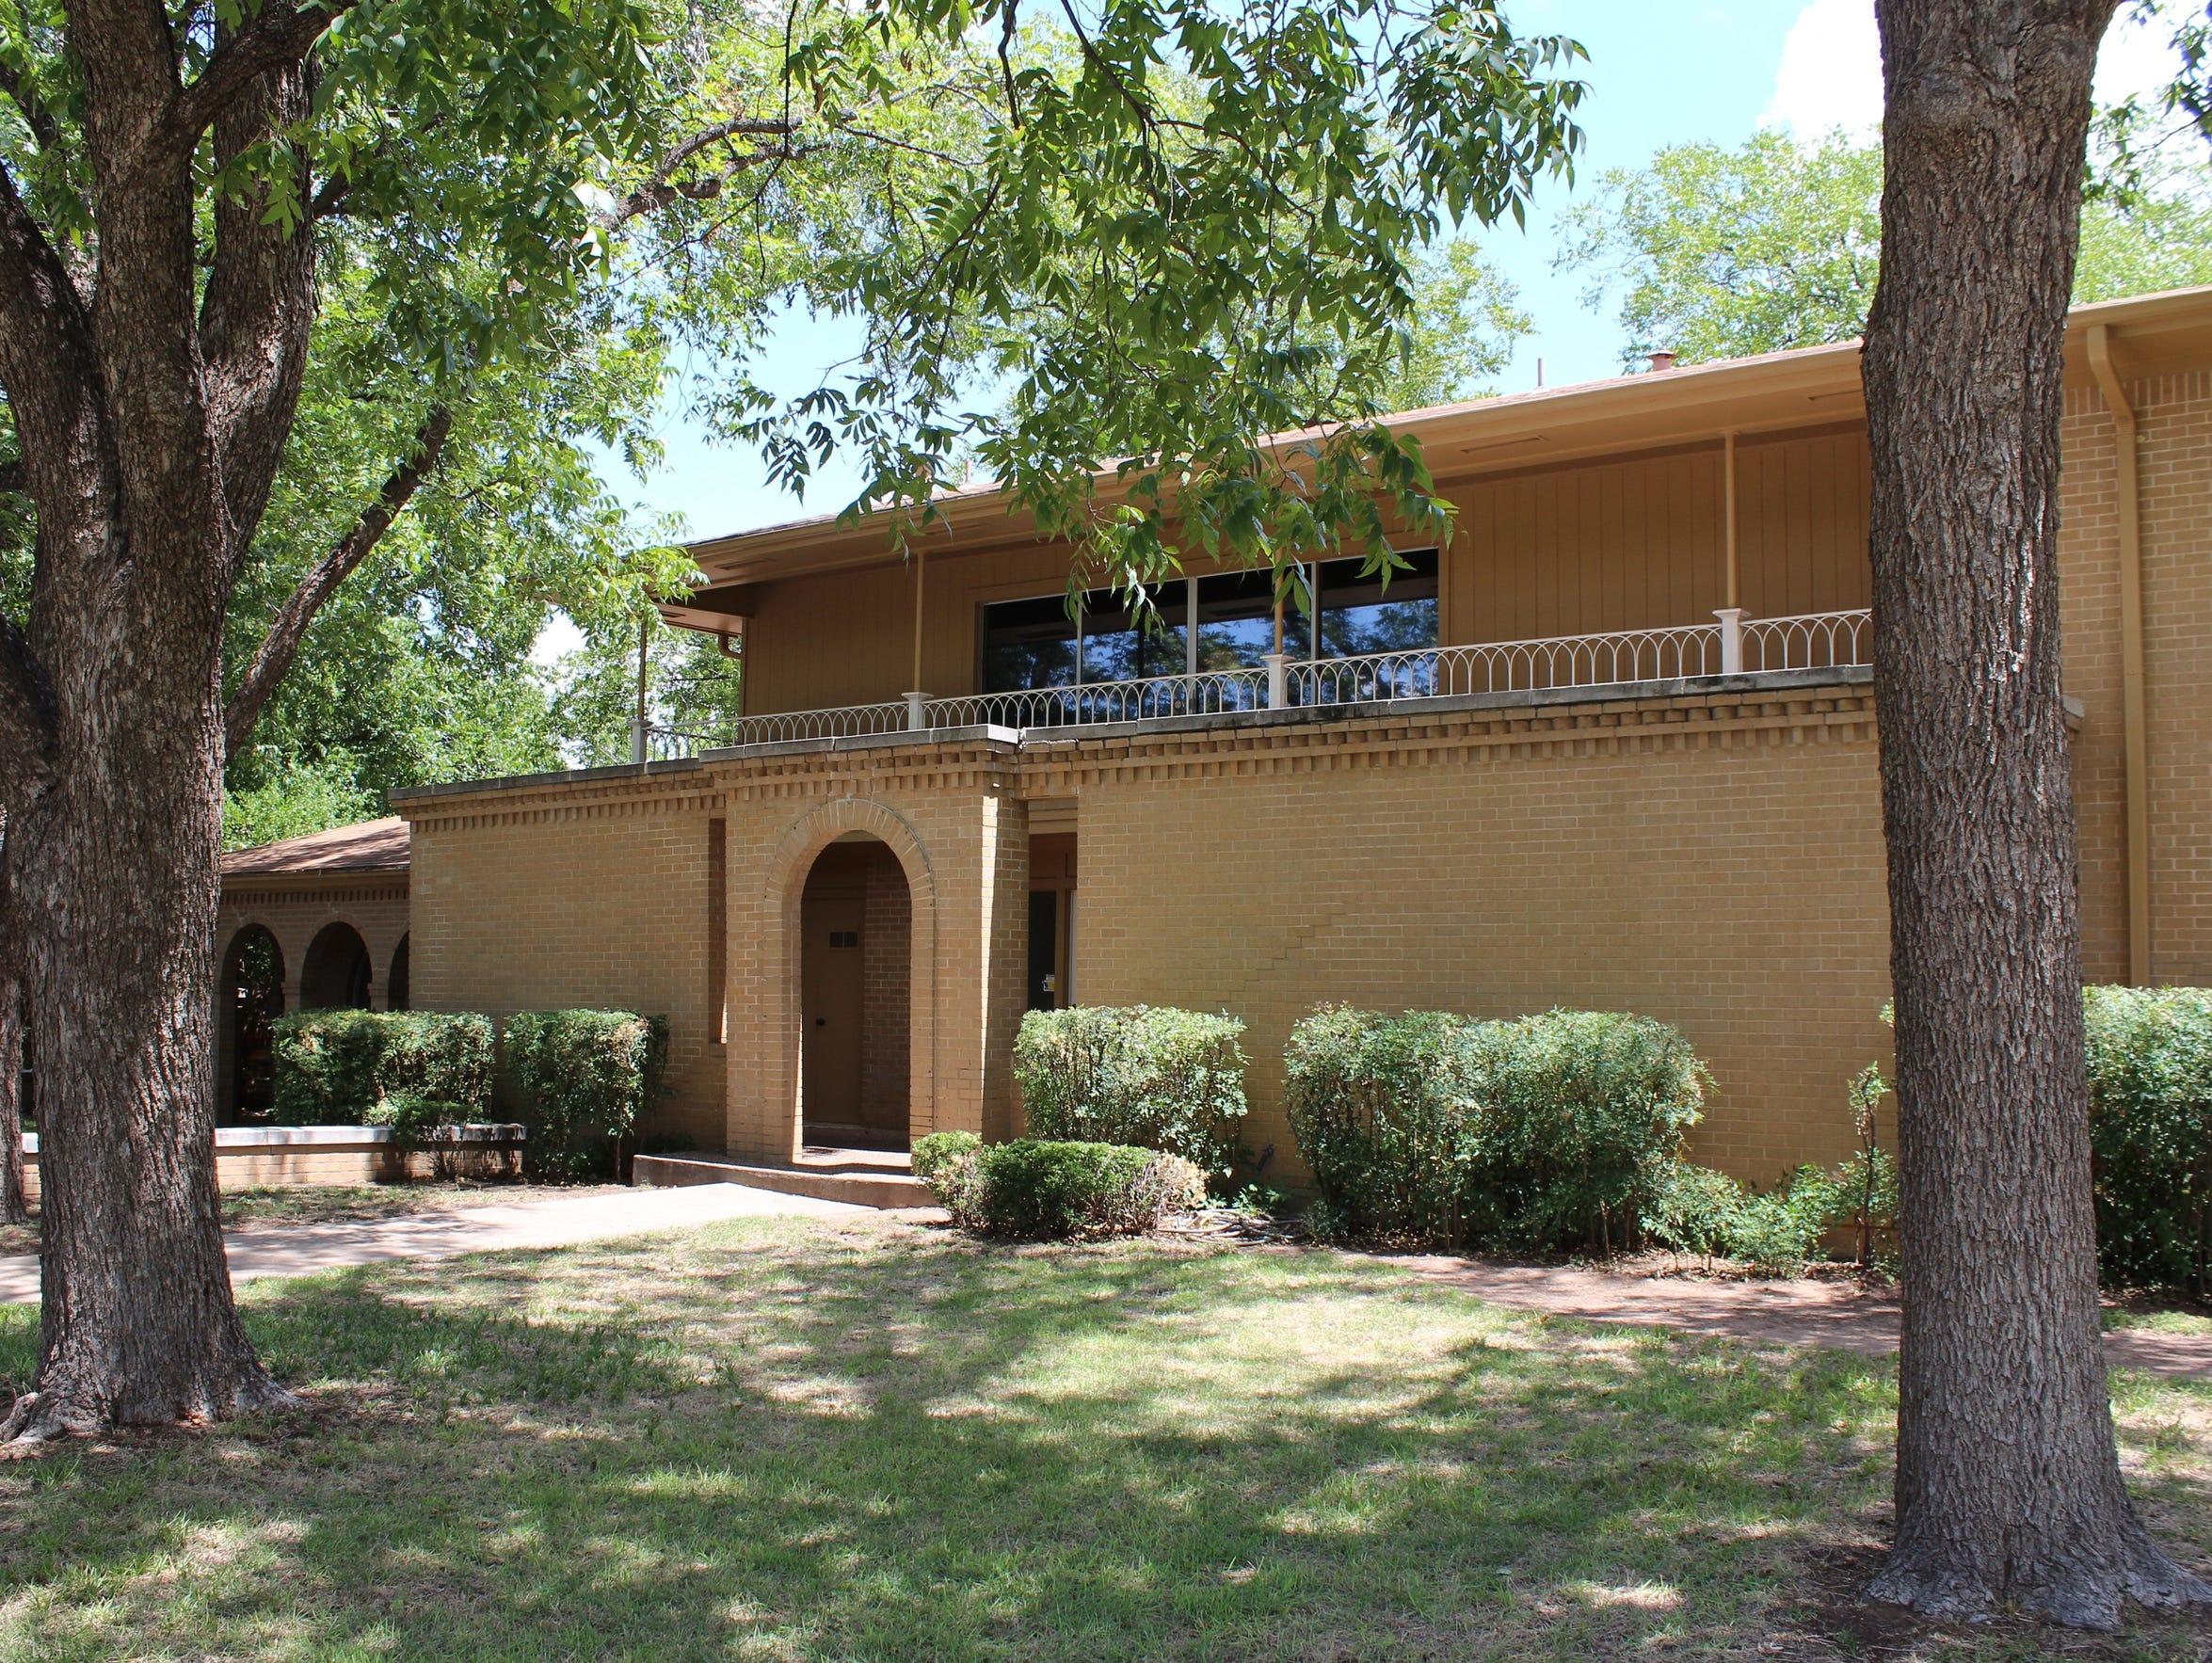 At 609 Scott Place in east Abilene, Chris Christian